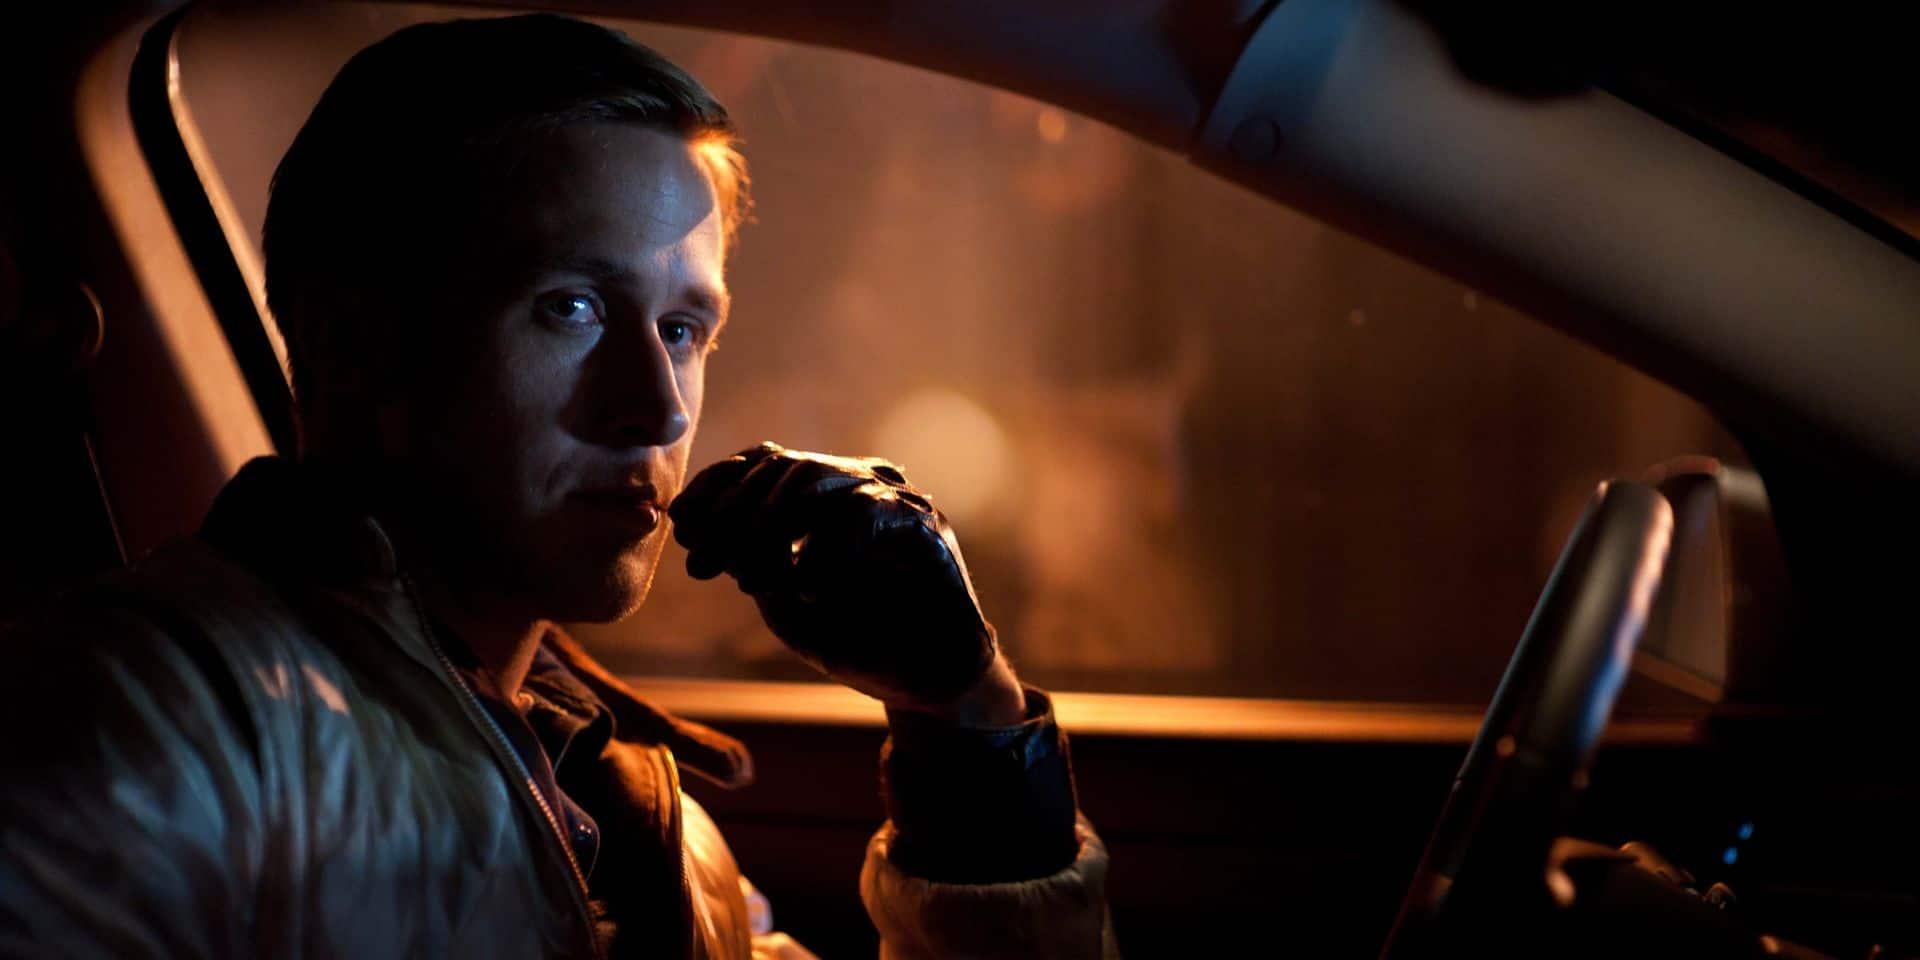 Il était une fois Cannes 5/12: quand Ryan Gosling explosait à Cannes en 2011